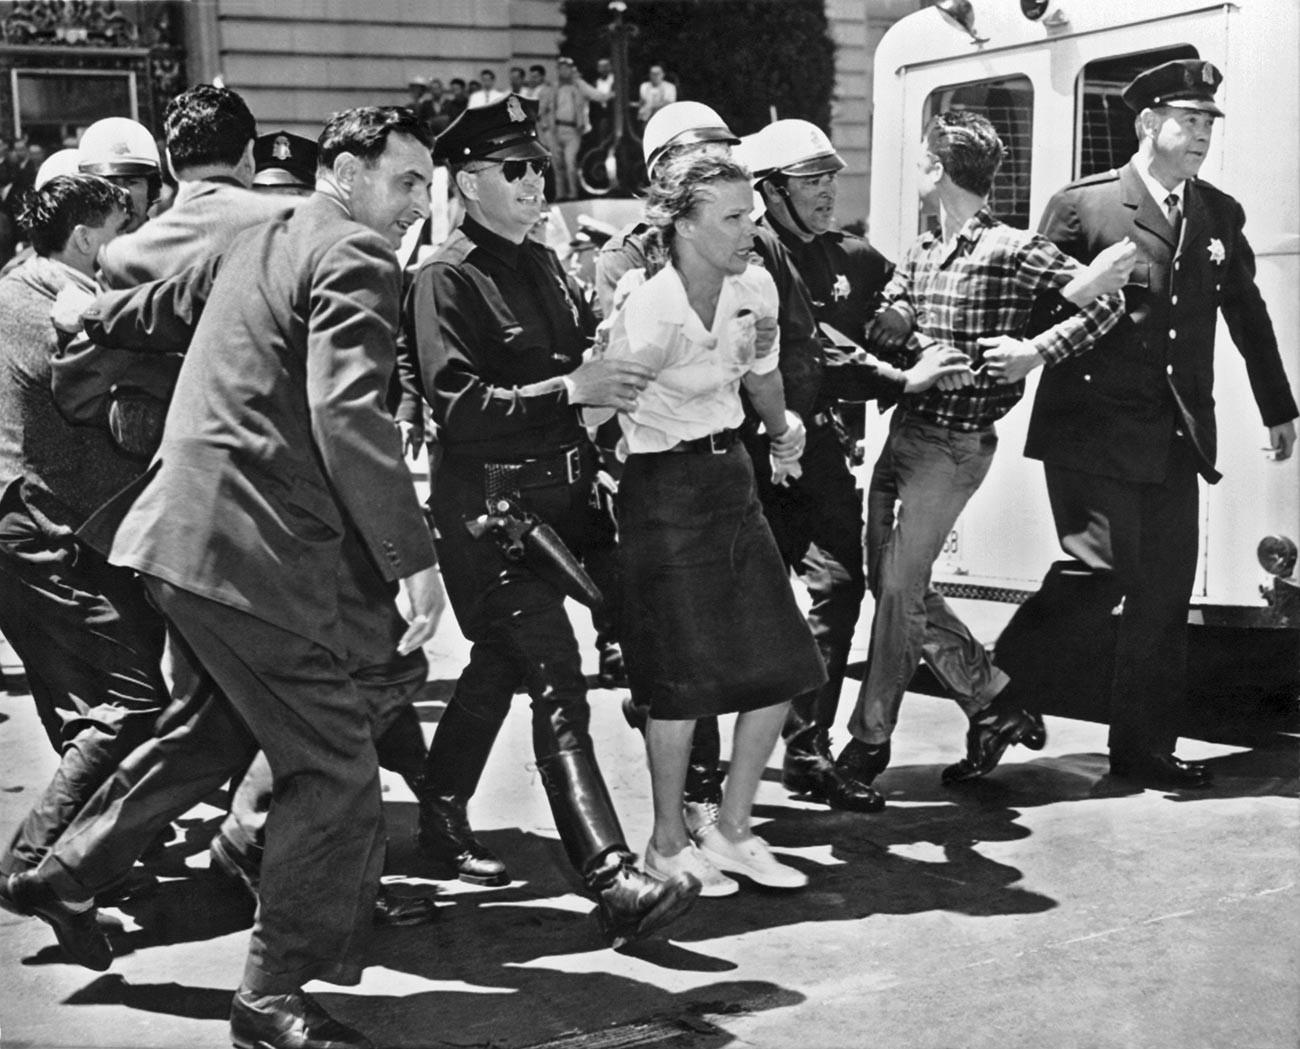 Arrestation à San Francisco lors d'une manifestation prétendument organisée par les communistes